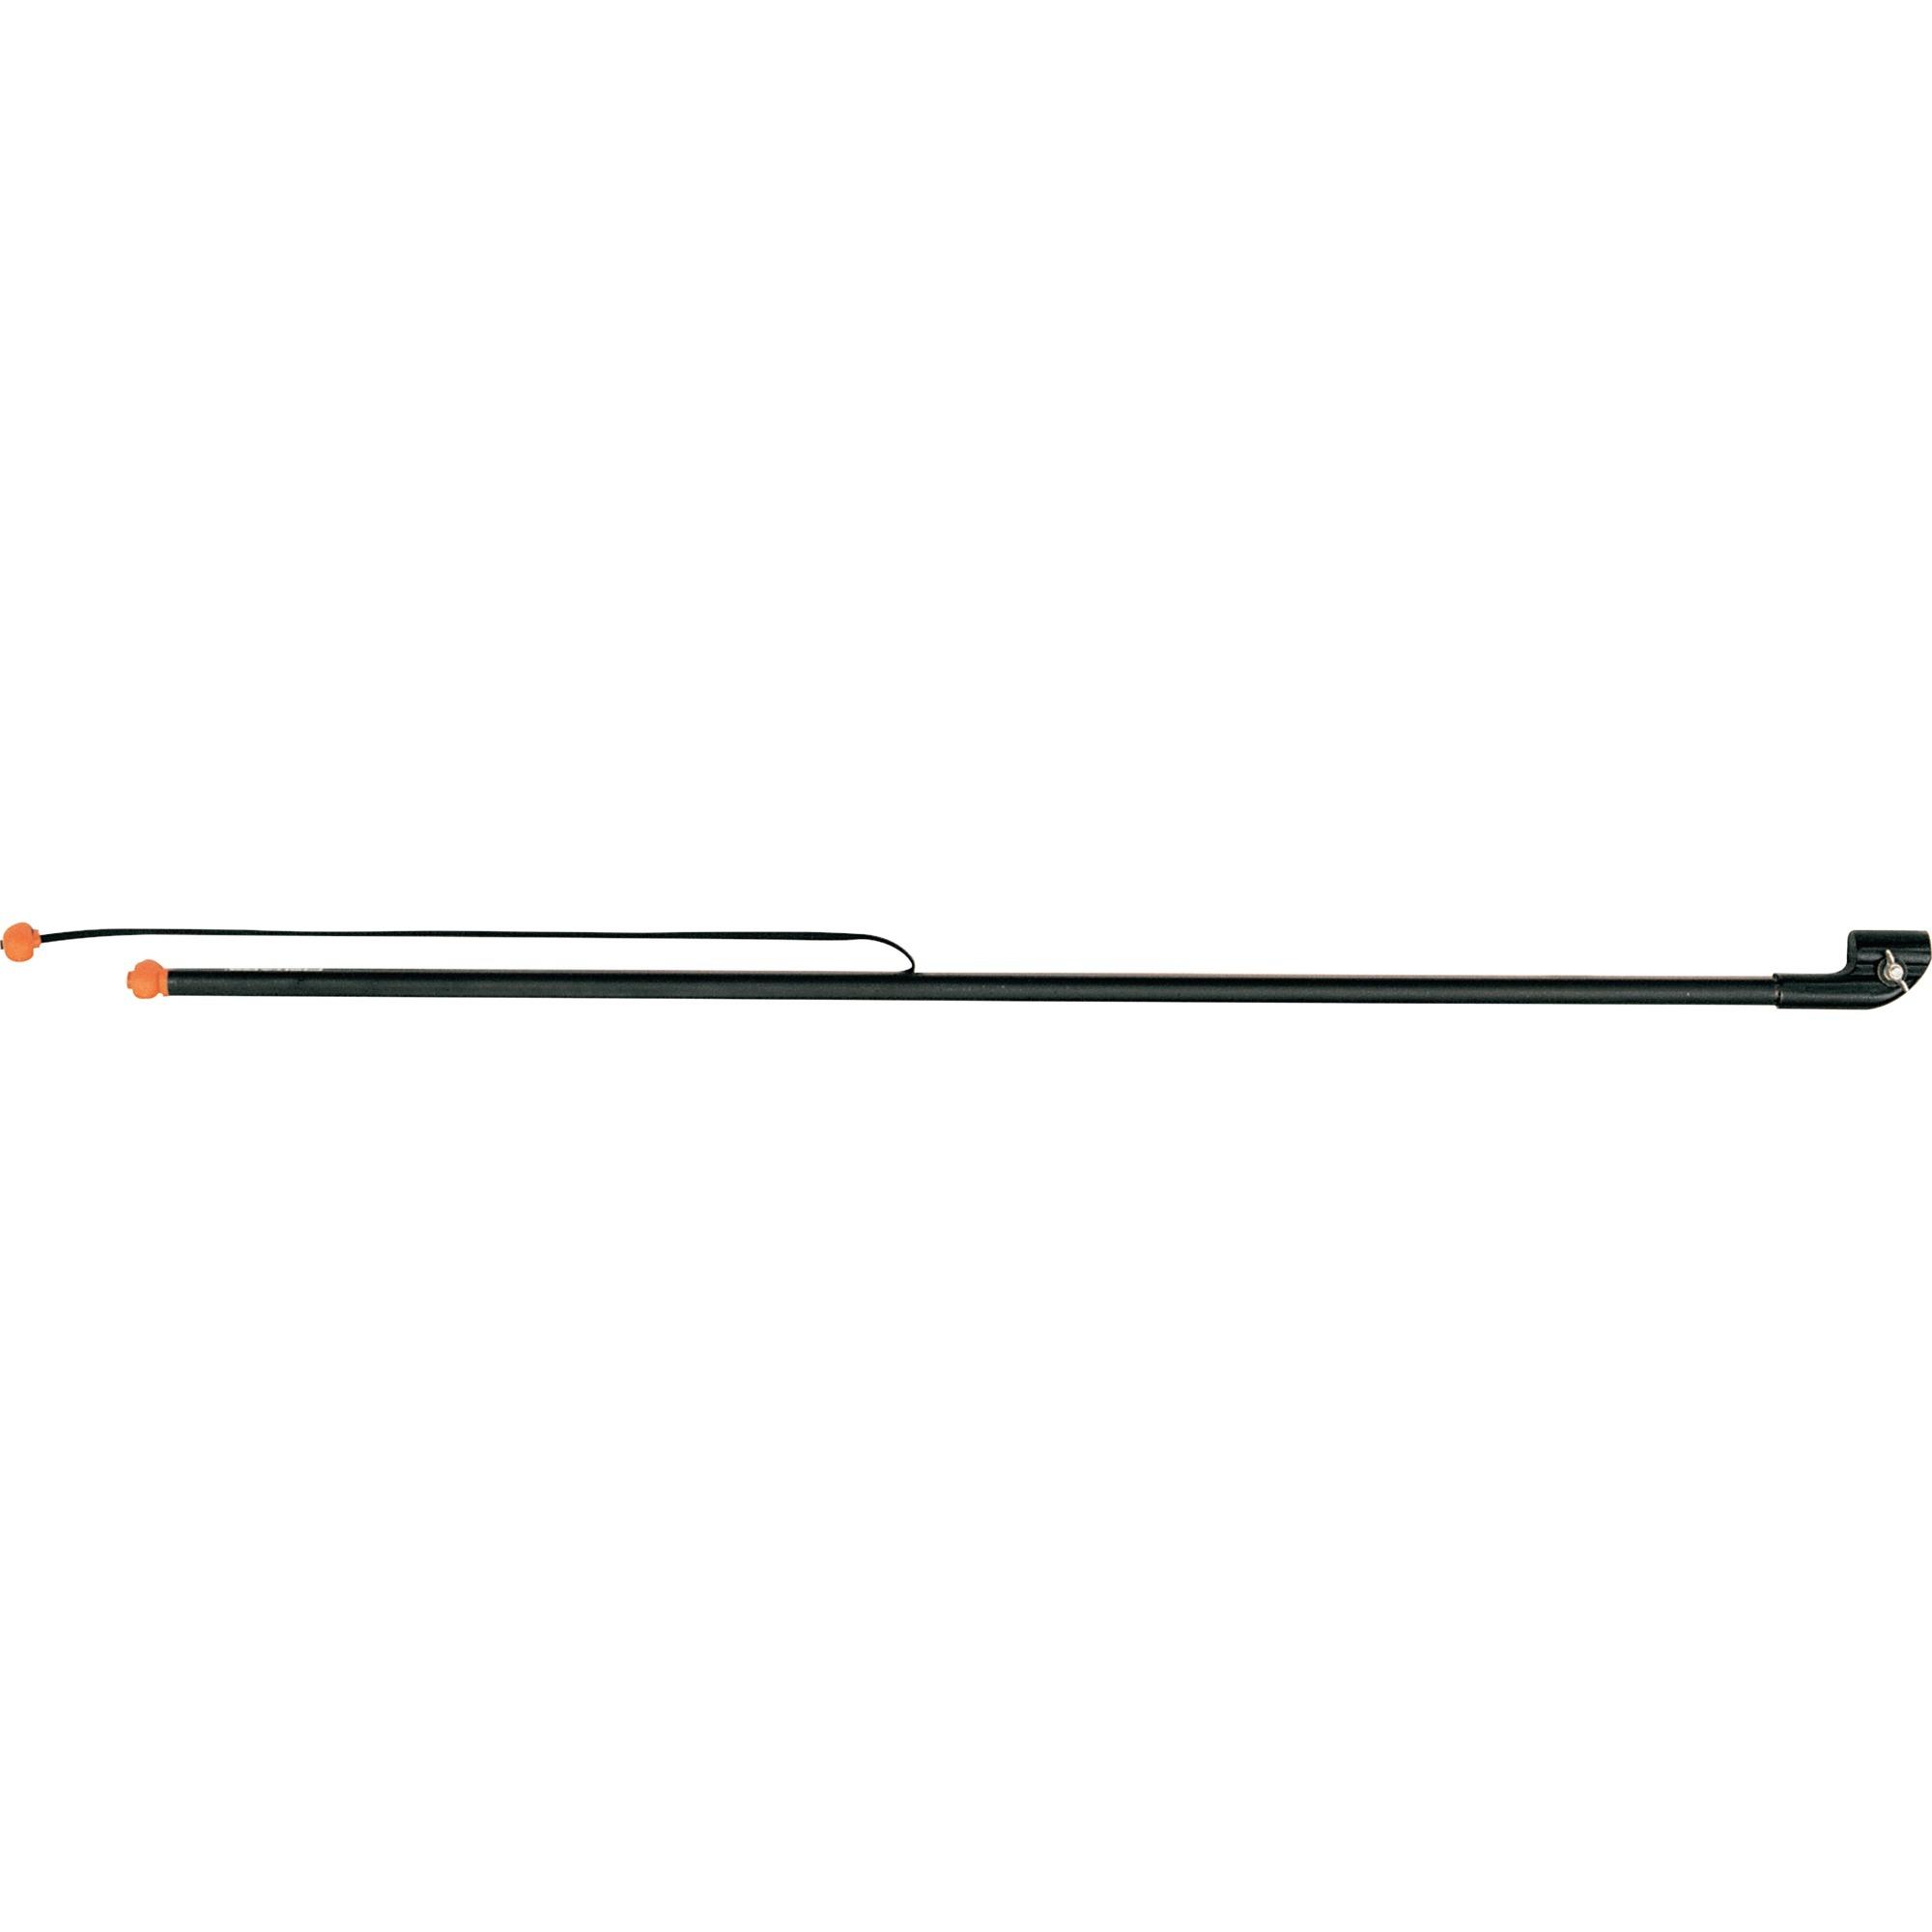 1001560 1453mm Agarre de herramienta manual eje de herramientas manuales, mango y adaptador, Extensión